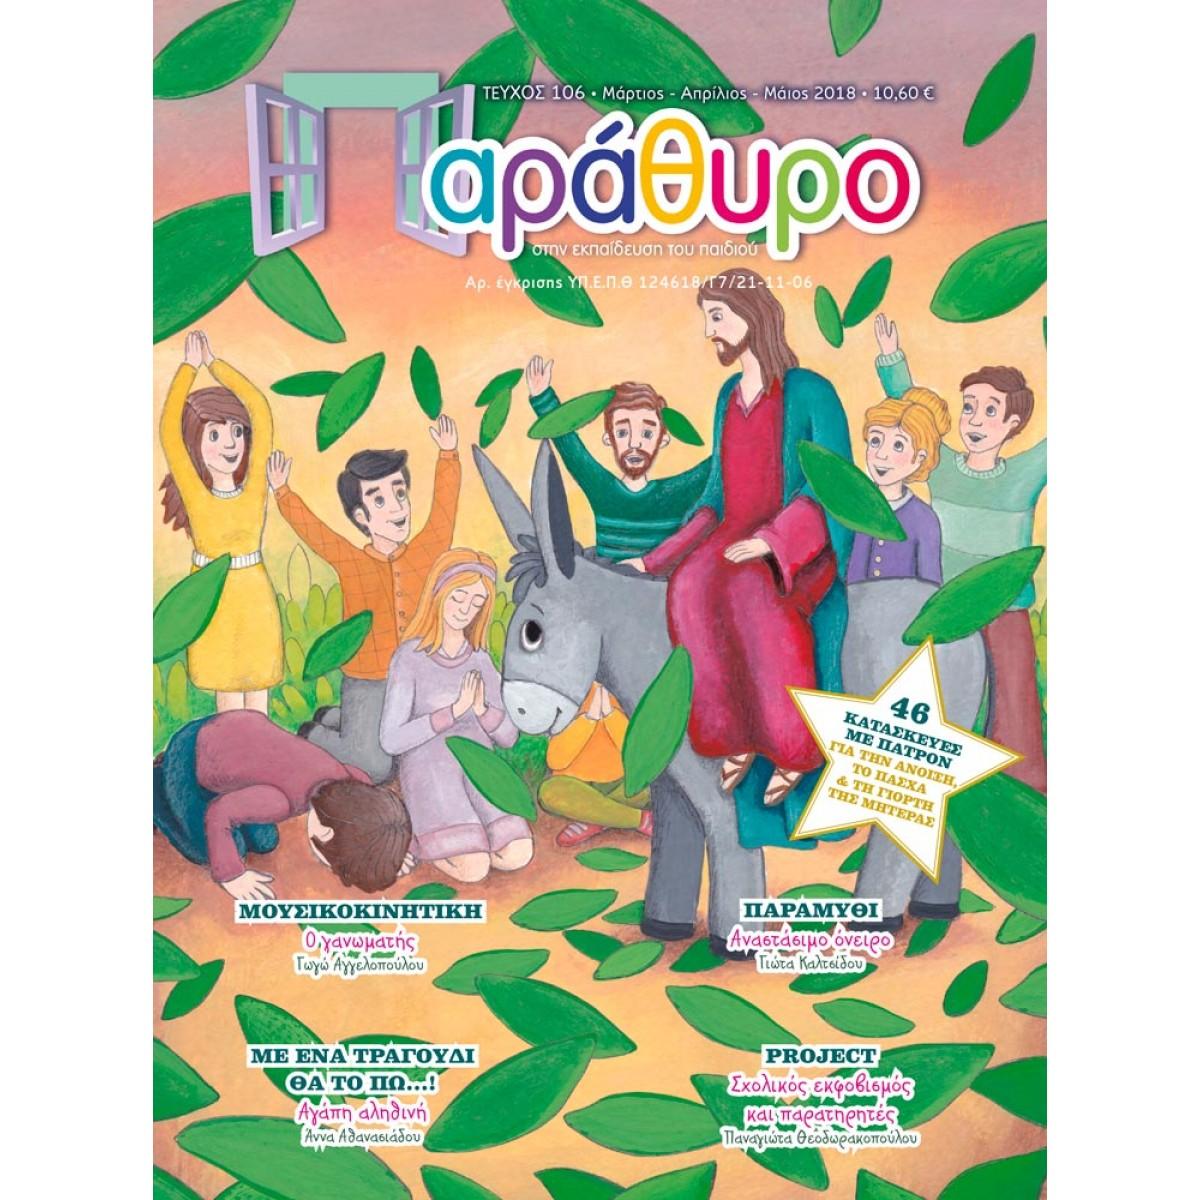 ΠΑΡΑΘΥΡΟ ΤΕΥΧΟΣ 106 Περιοδικό Παράθυρο